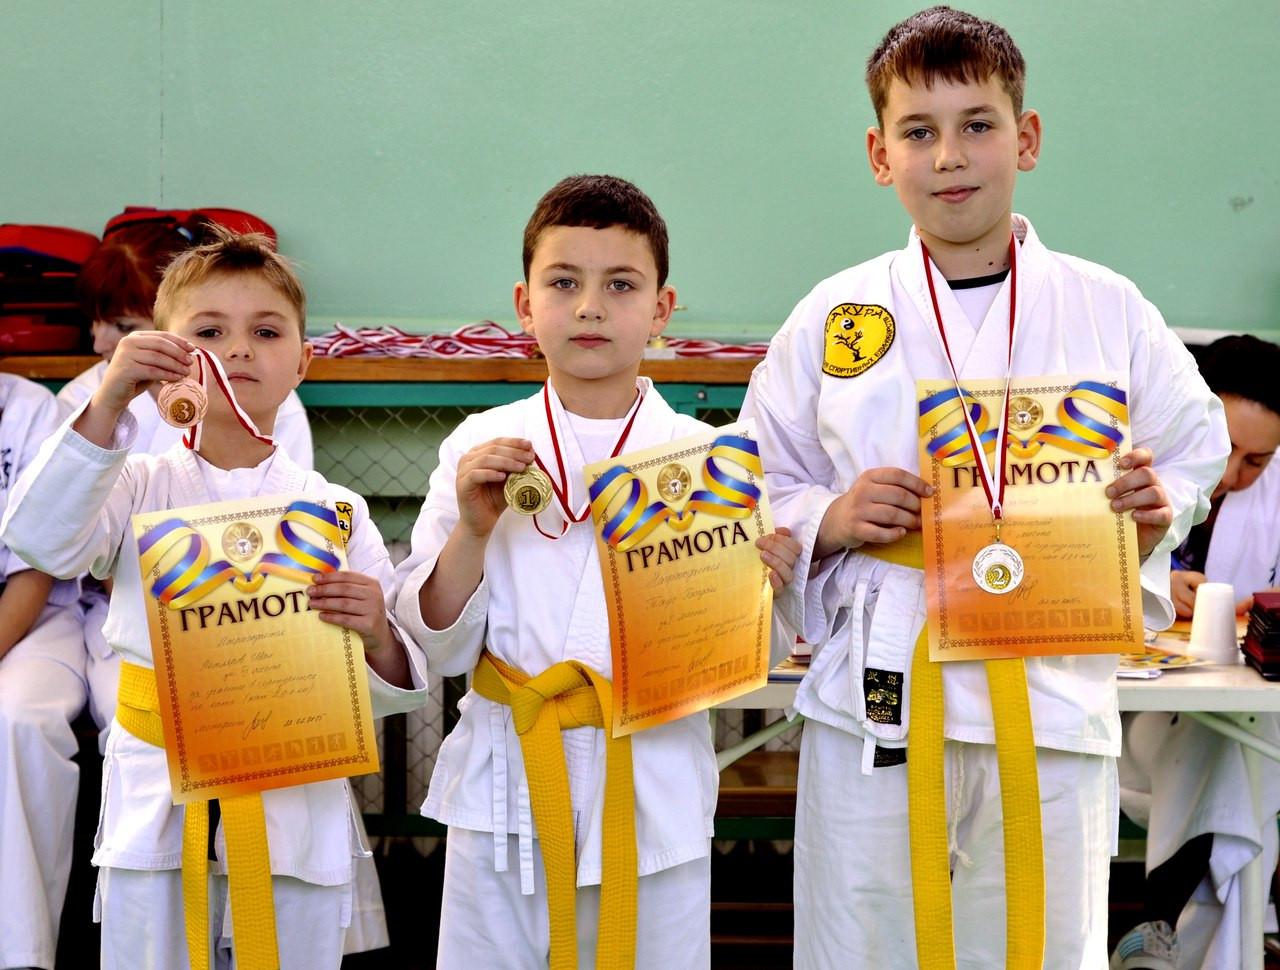 Спортивные соревнования - Детский центр «Сакура» в Днепре